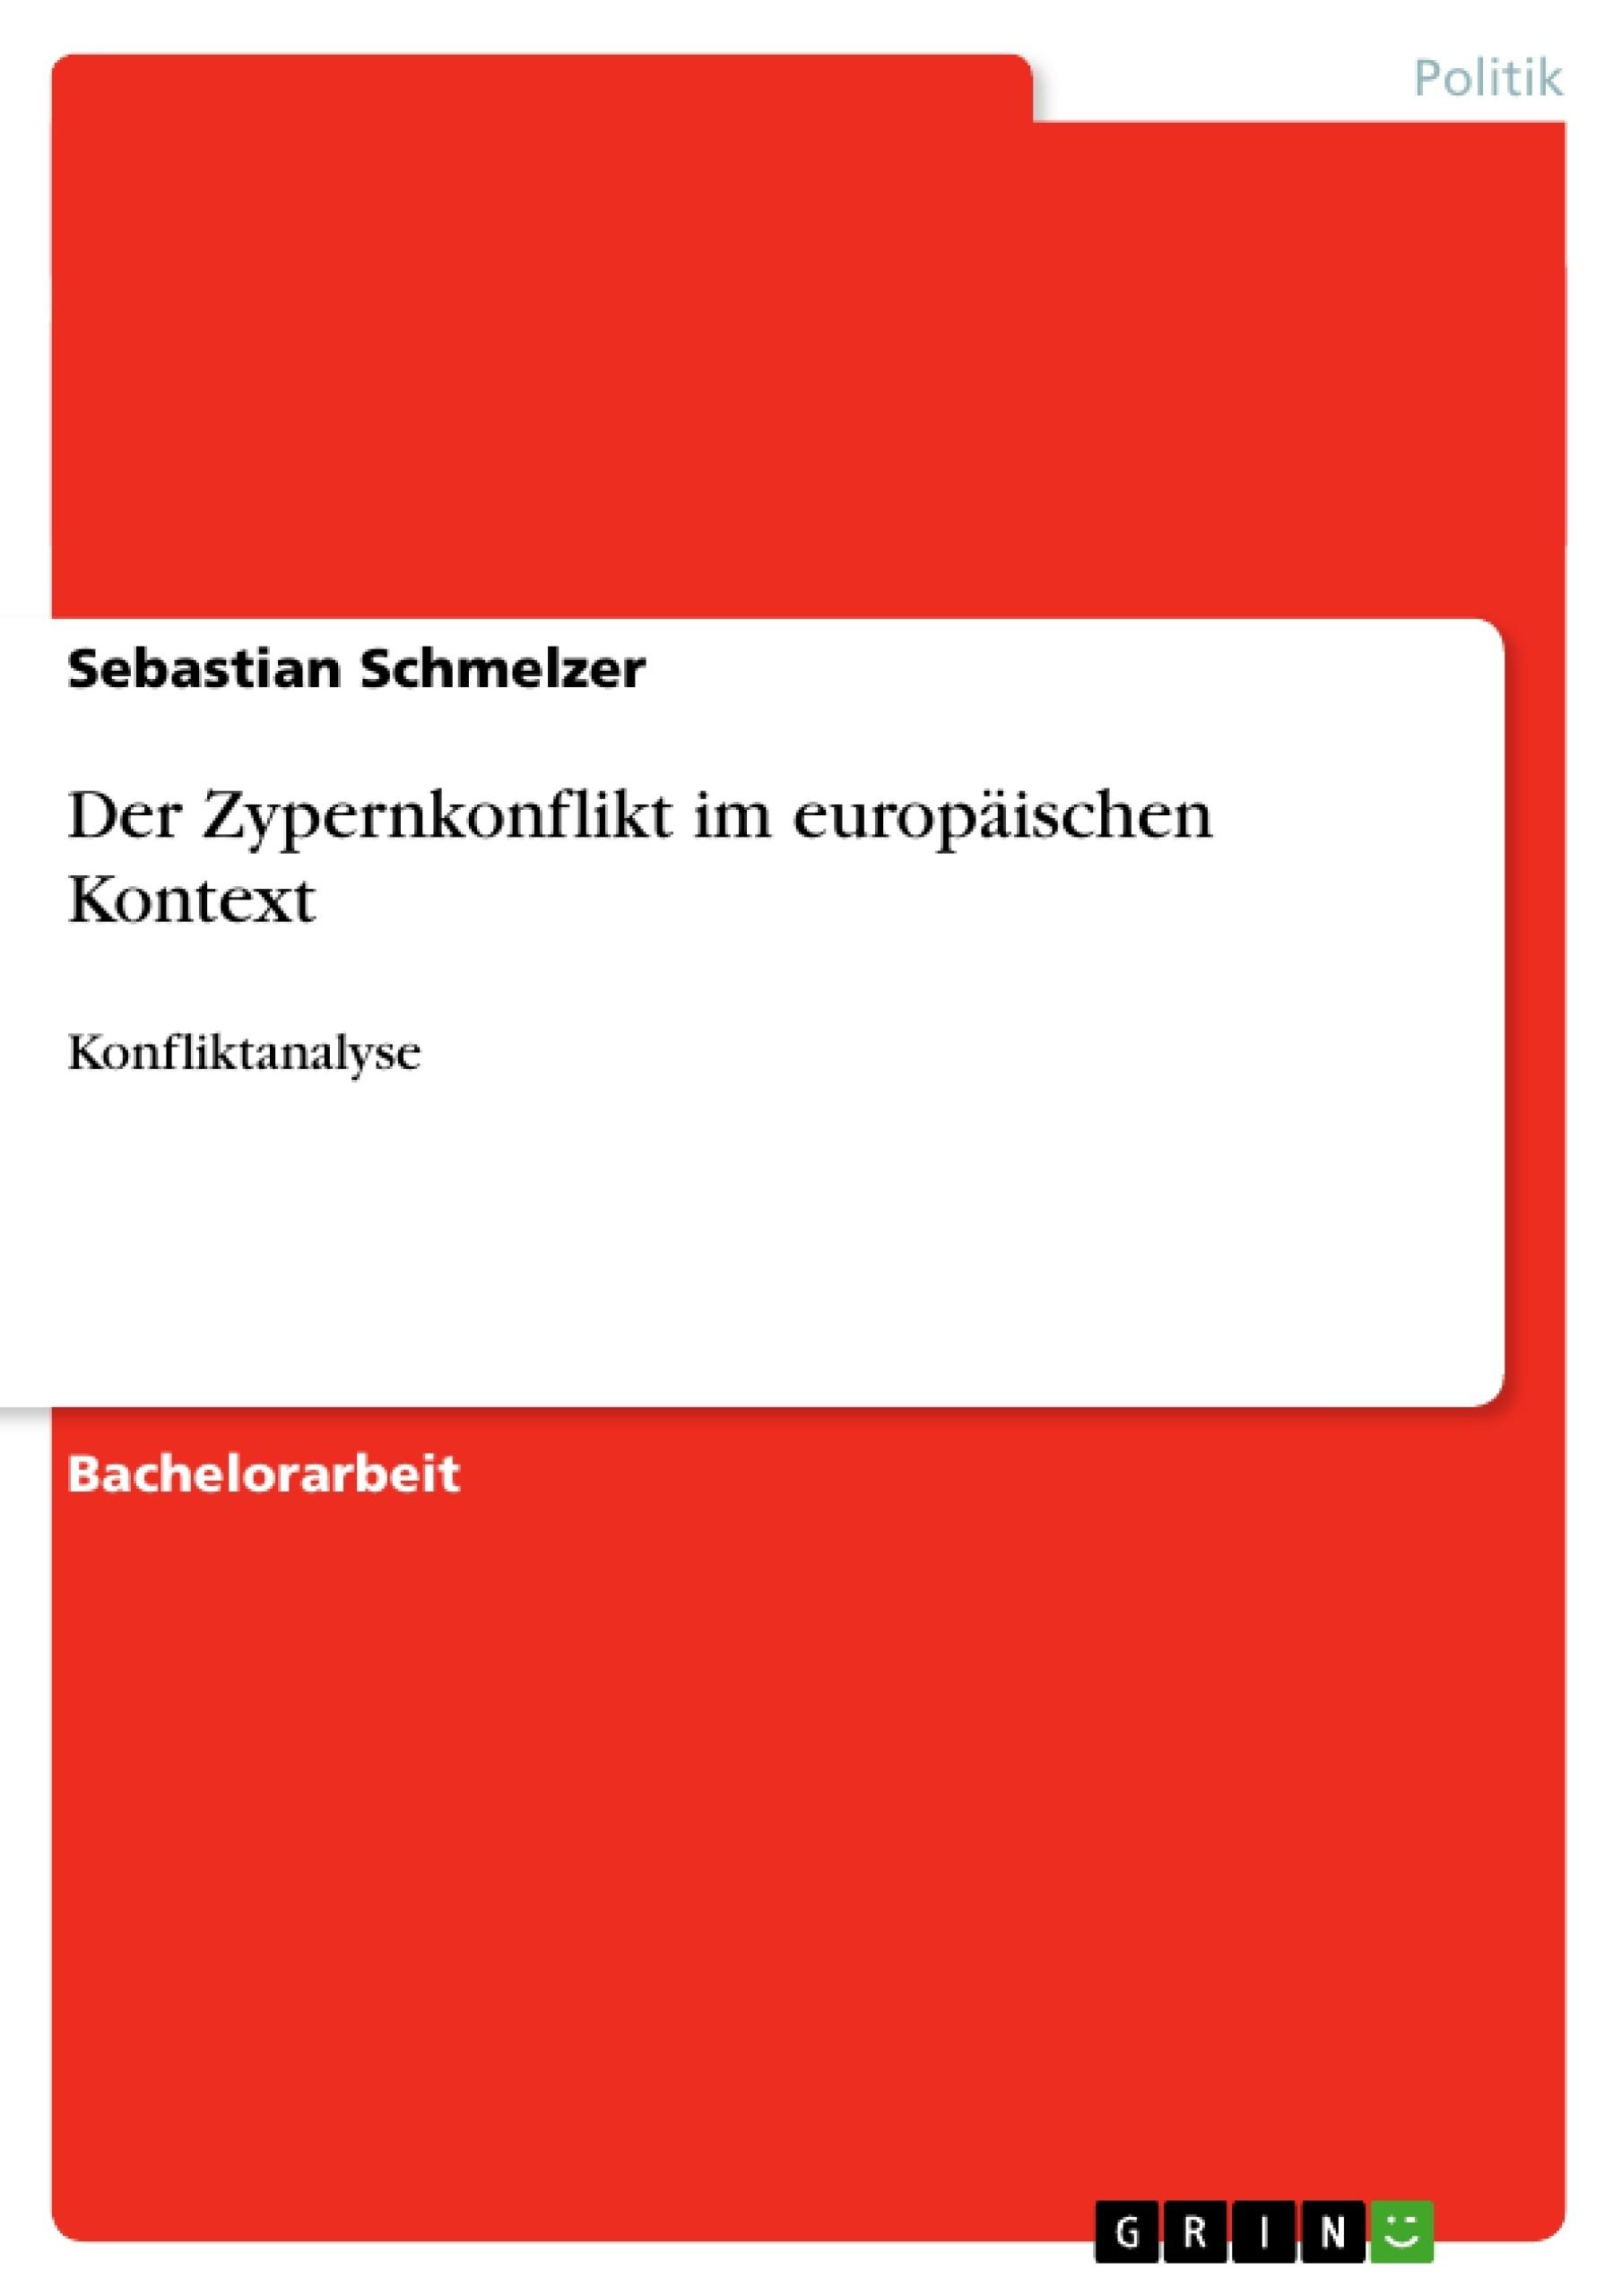 Titel: Der Zypernkonflikt im europäischen Kontext